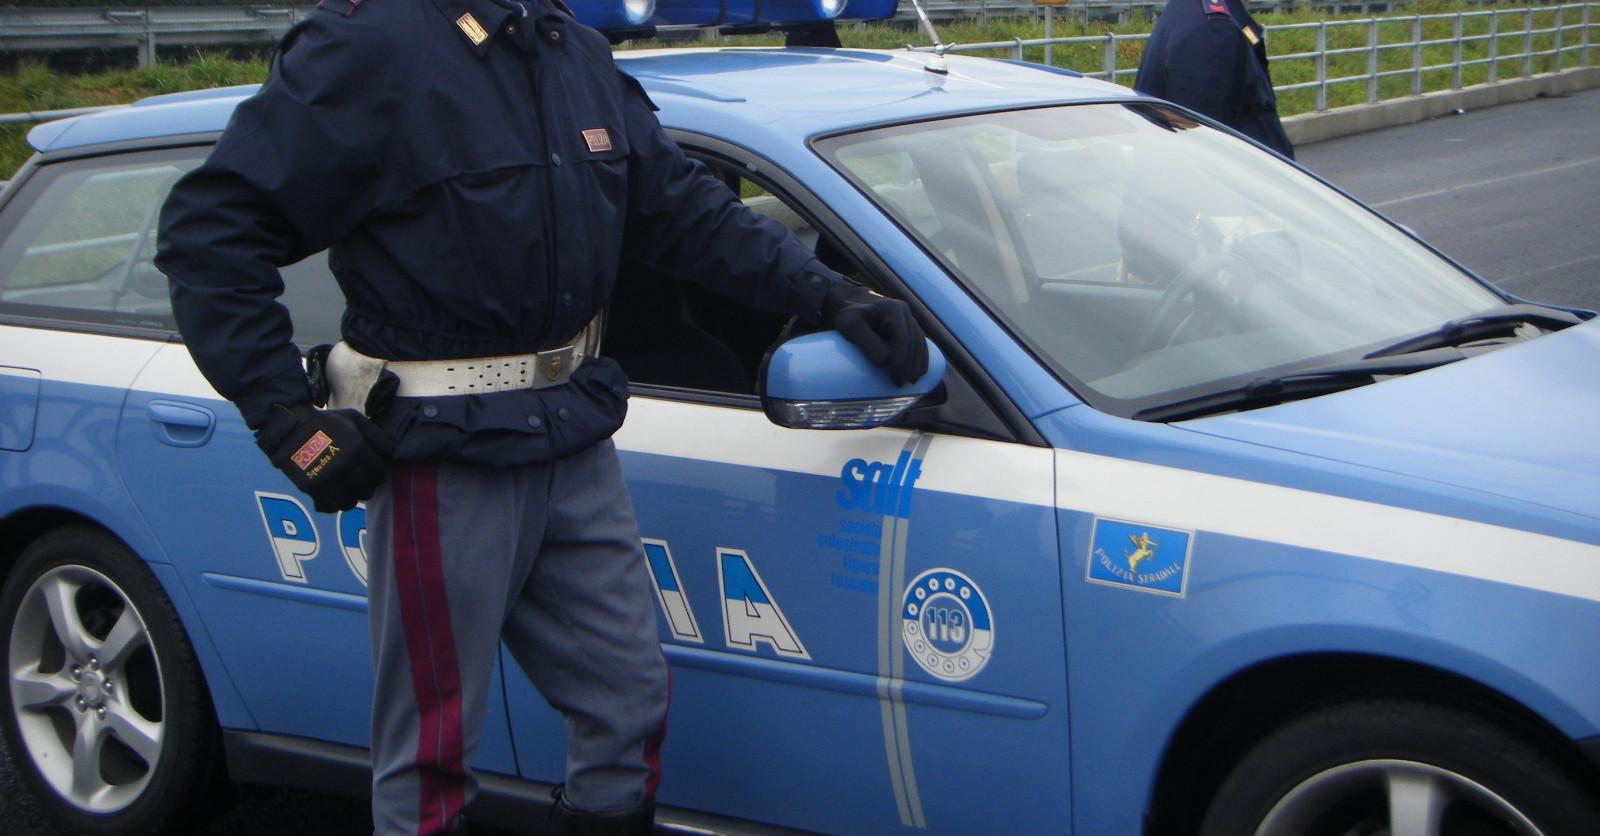 Polizia, campagna sicurezza a Teramo